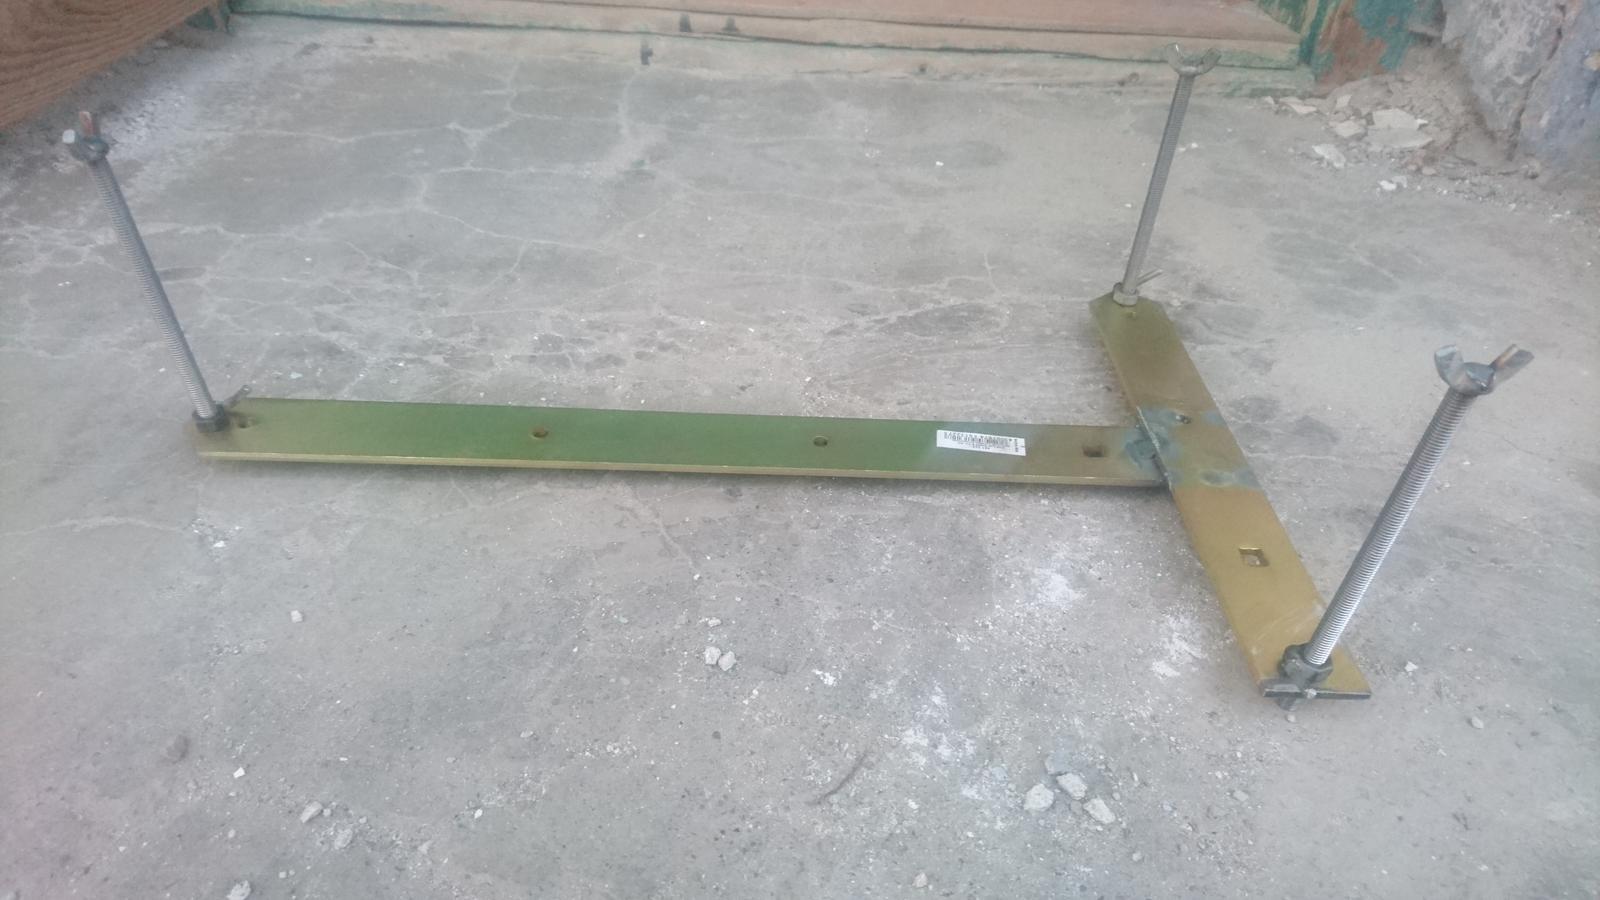 K602-ka - Pripravok na zhotovenie maltoveho lozka prveho radu v tej spravnej vyske